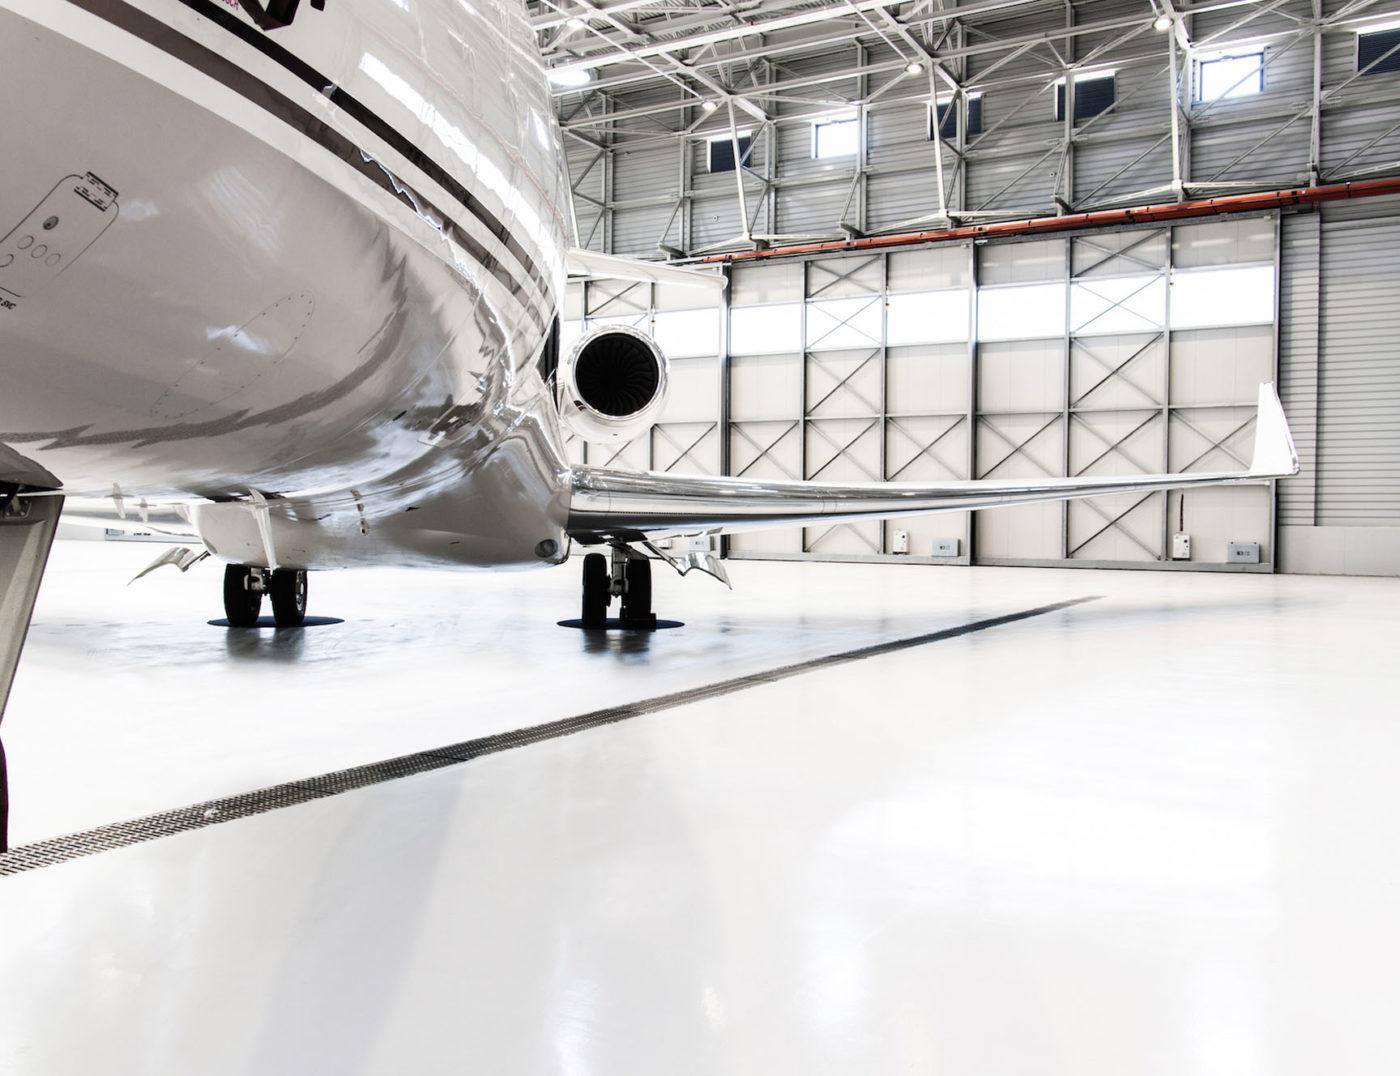 pavimentazione hangar milano